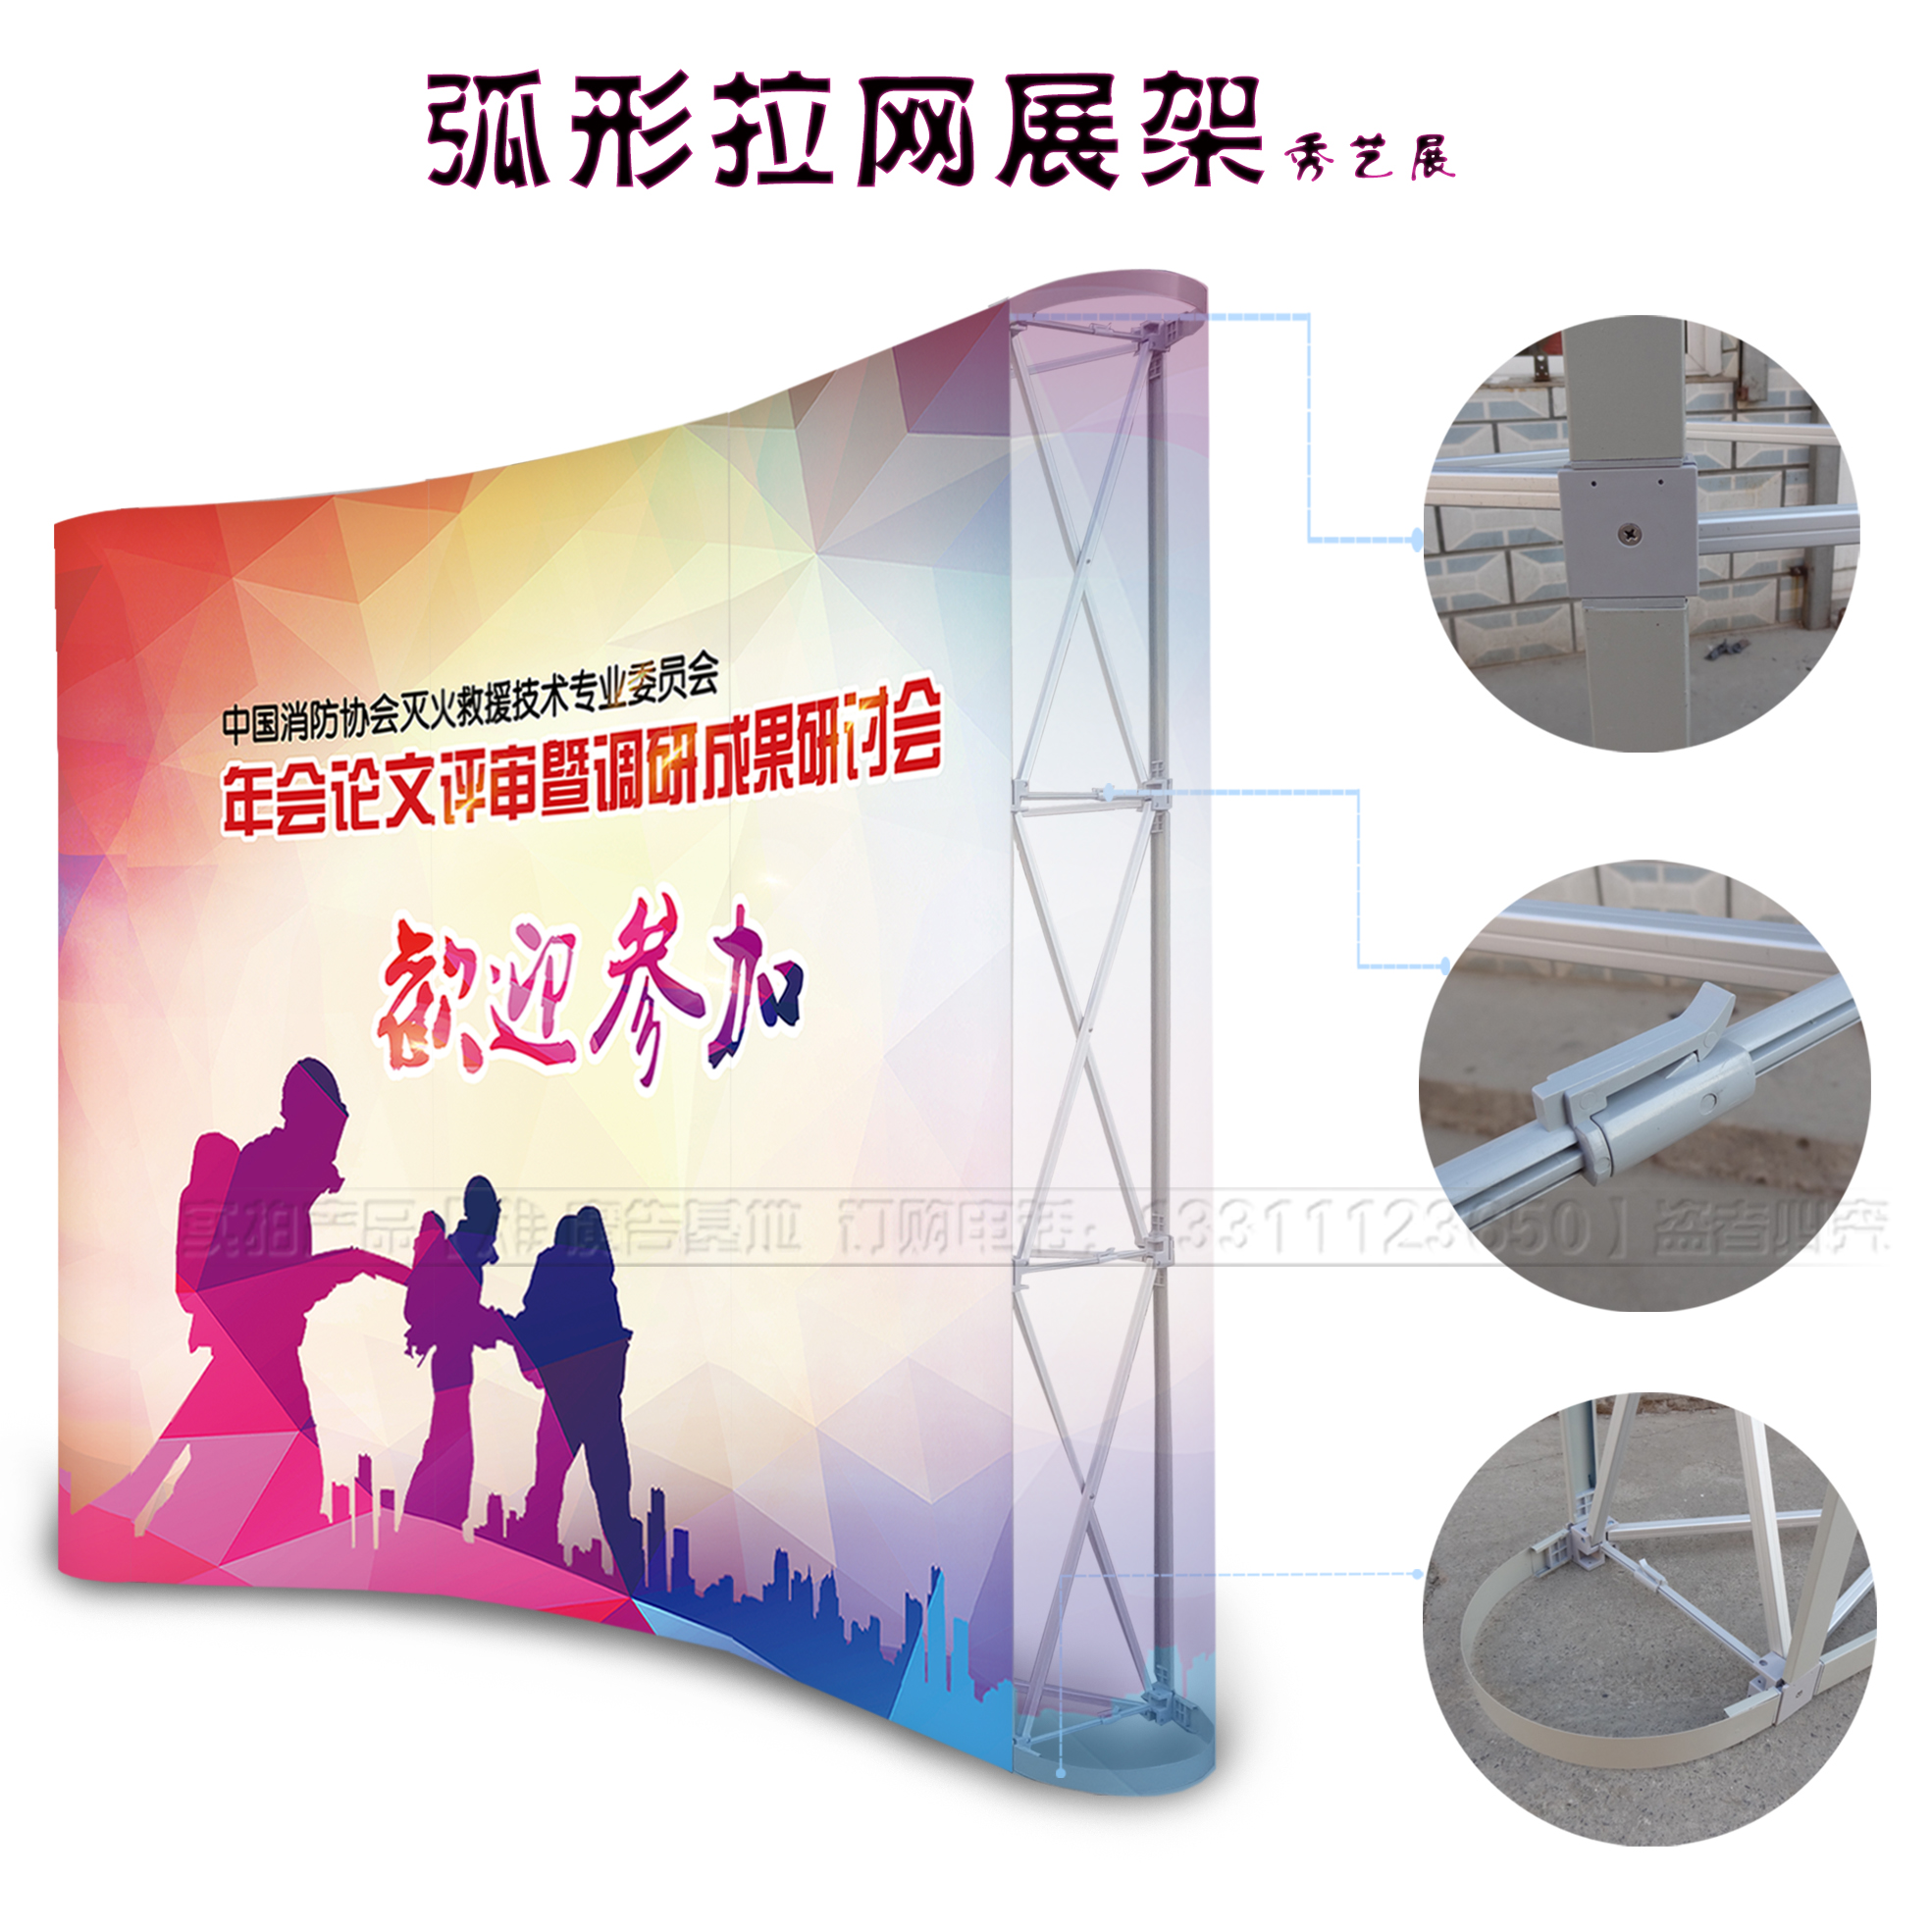 Изогнутая сетчатая стойка алюминий Сплавная квадратная трубка изогнутая сетка 3 * 3 стойка дисплея изогнутая подставка